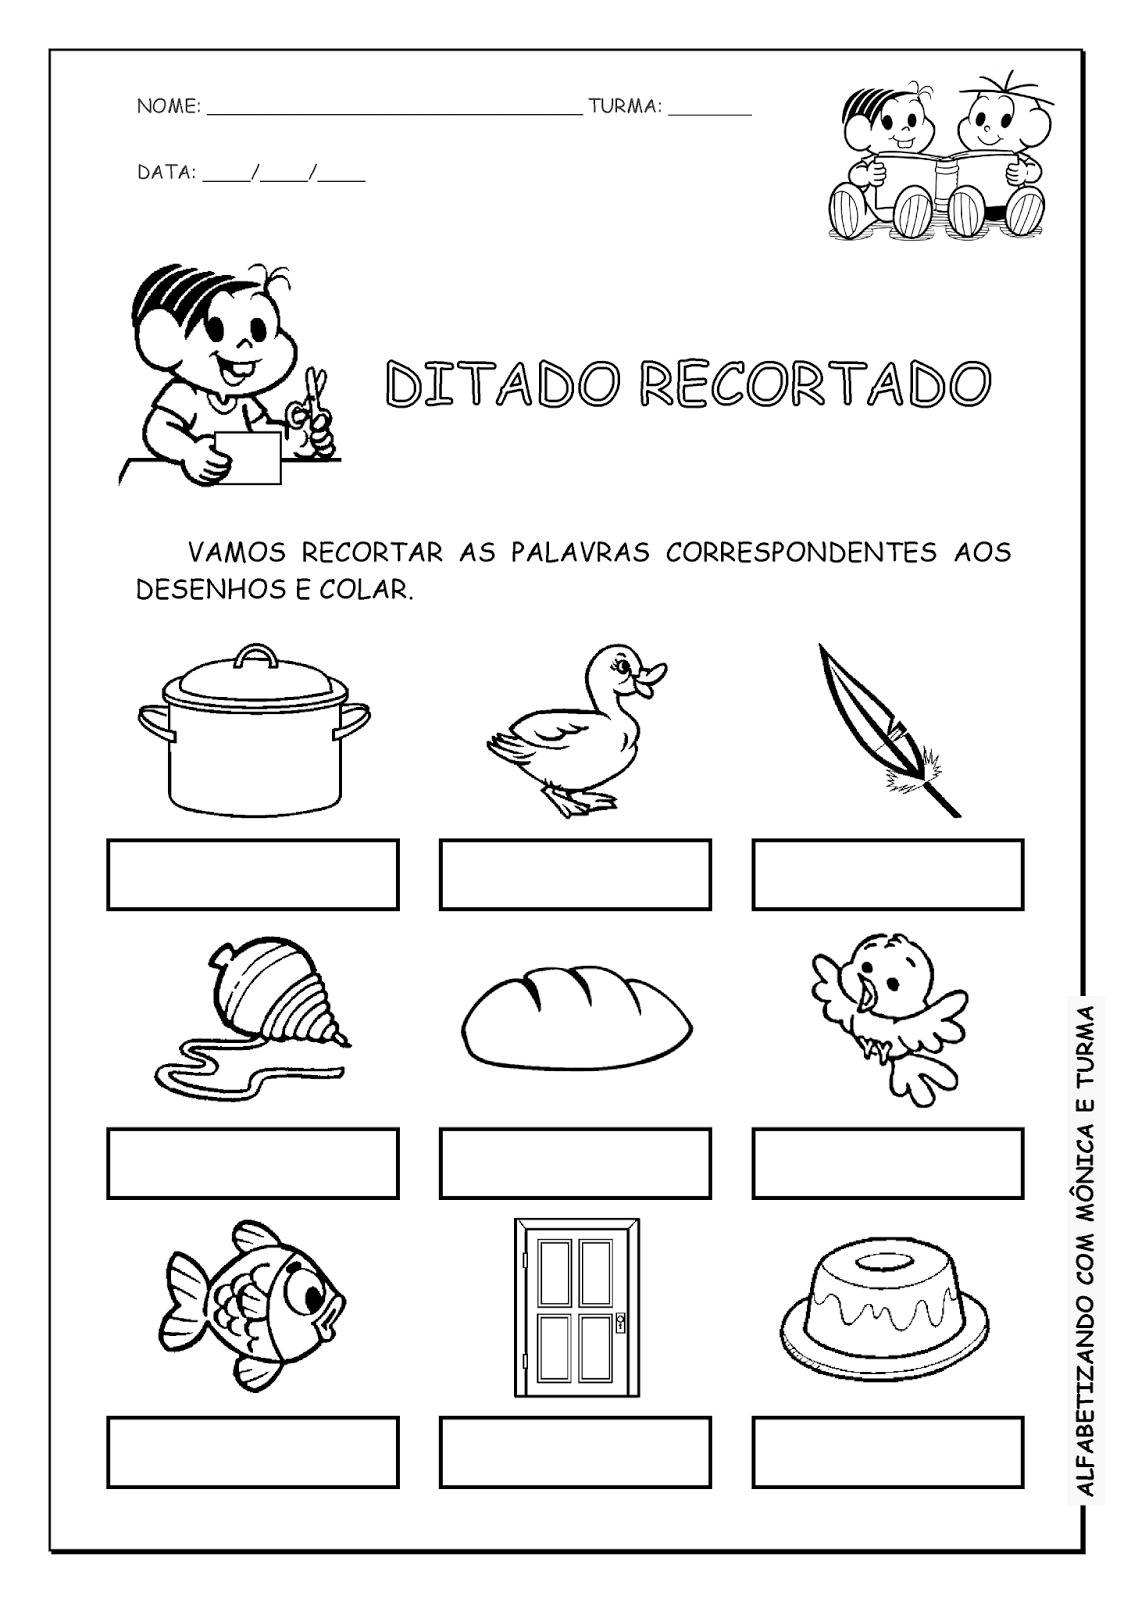 DITADO+RECORTADO+2014+-+P.png (1131×1600)